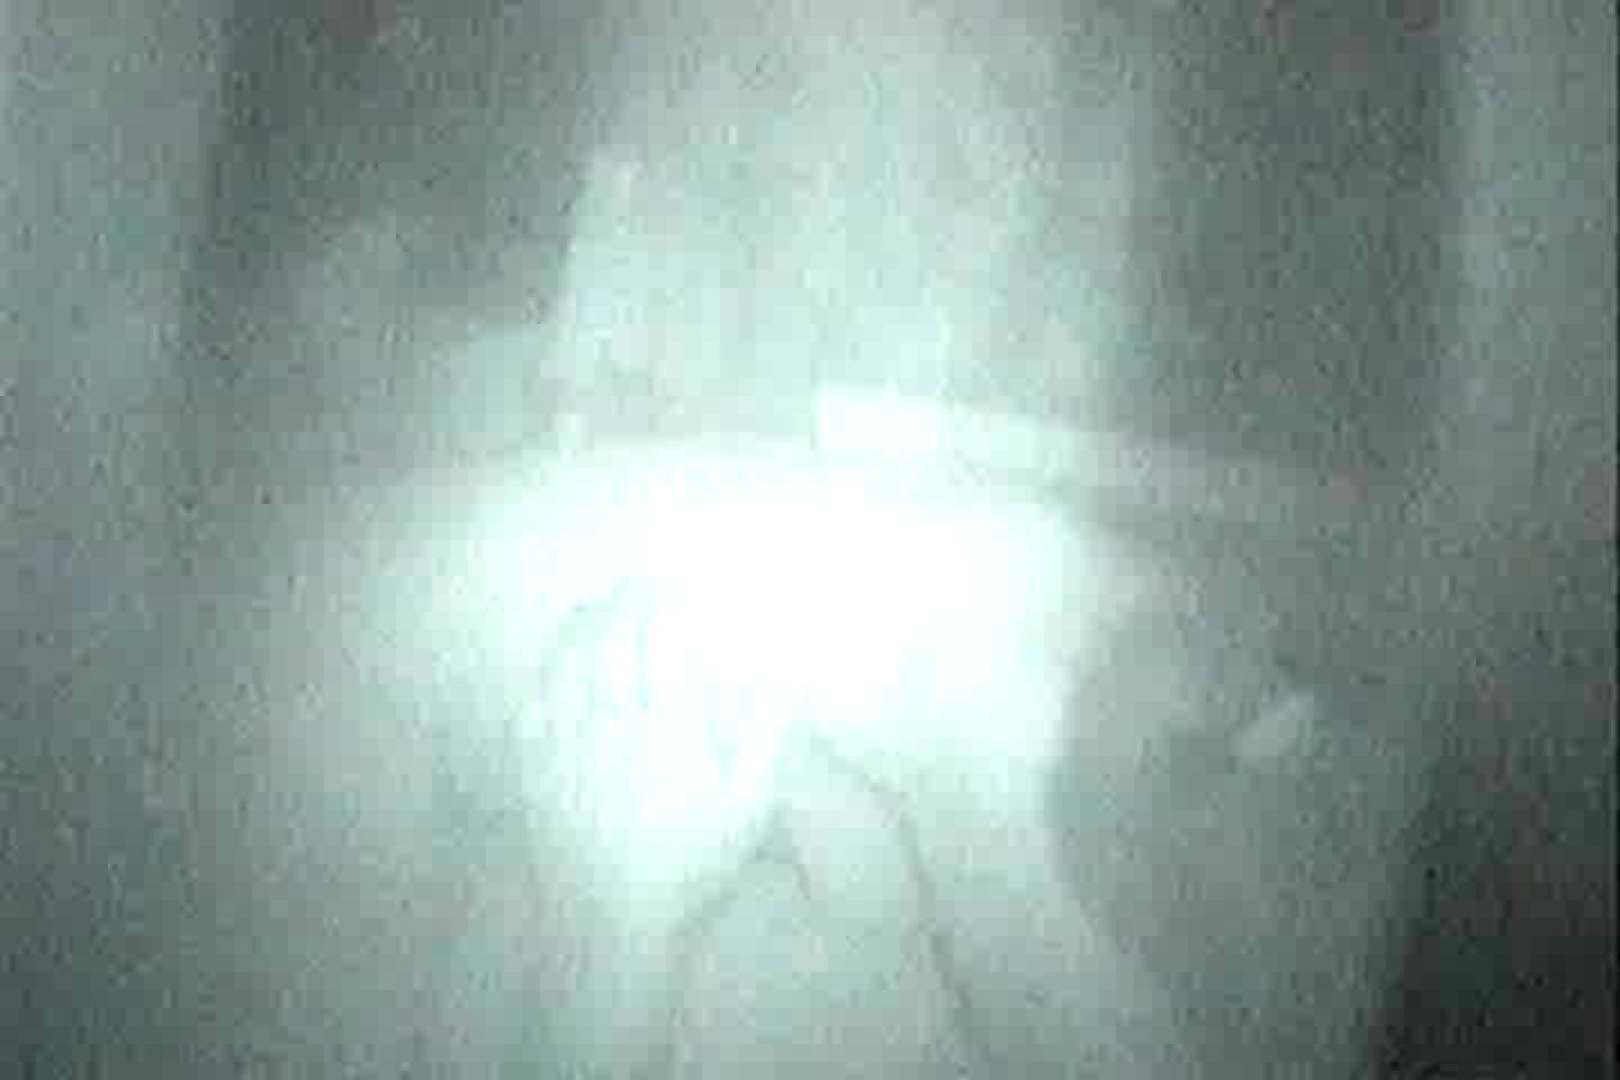 充血監督の深夜の運動会Vol.18 フェラ われめAV動画紹介 79画像 38